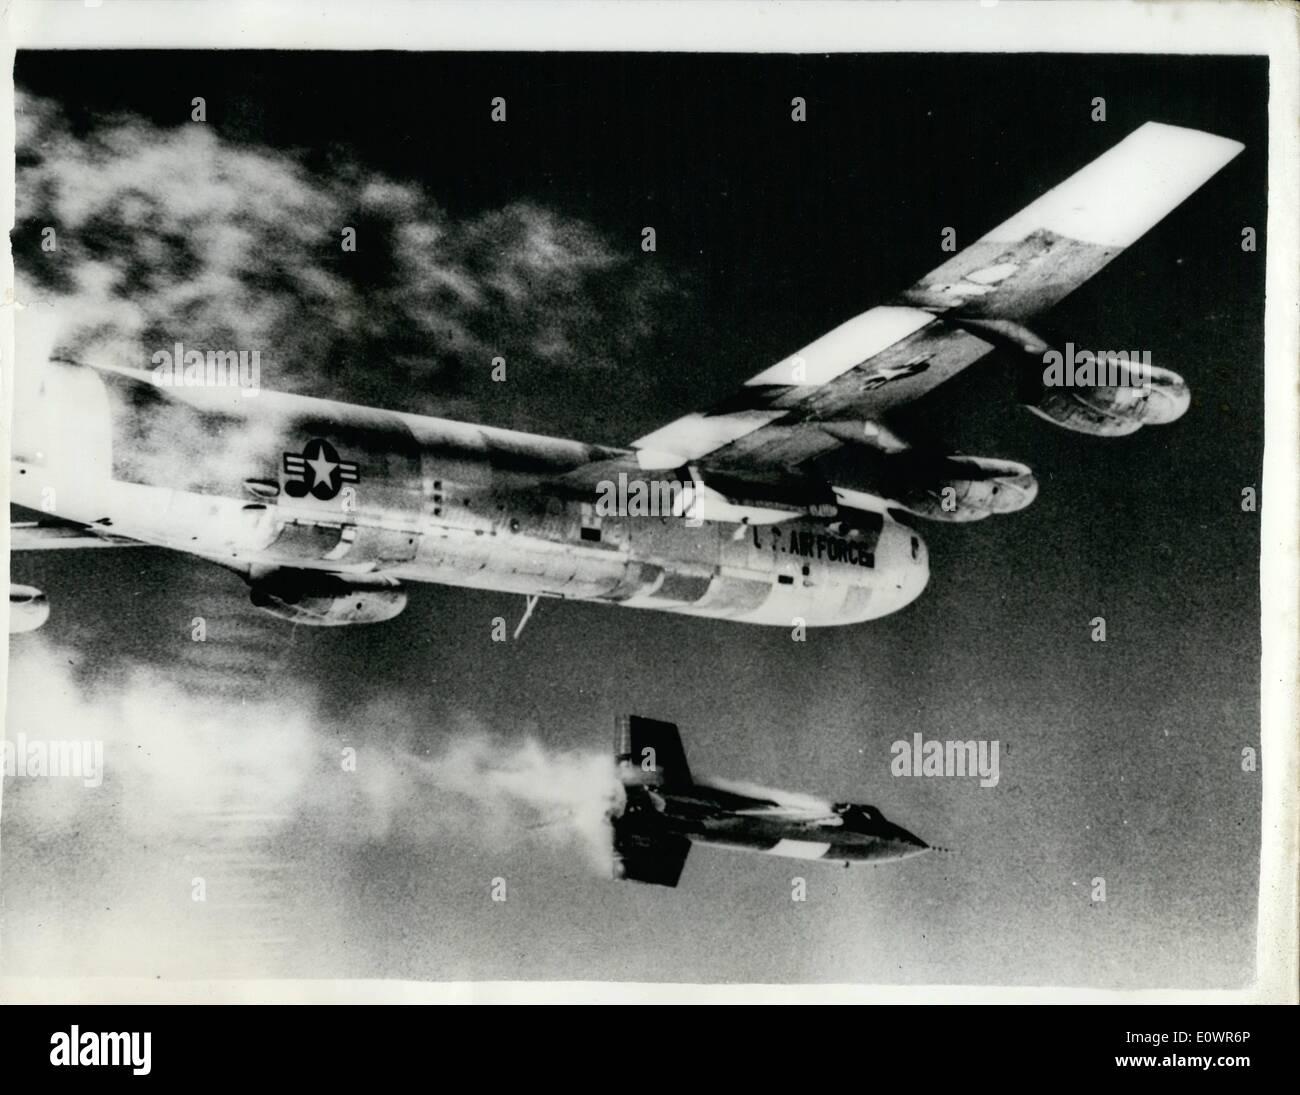 11. November 1963 - dreizehn Piloten getötet, im Projekt '' X'': insgesamt dreizehn US-Testpiloten für die Entwicklung des Flugzeugs hoch in die Stratosphäre fliegen soll geopfert wurden. Die Katastrophe ereignete sich zwischen den Flügen des X-L und x-15. Als ein '' verhexte Programm '' bezeichnet wurde es eines der teuersten in Bezug auf menschliches Leben auf dem Gebiet der modernen Luftfahrt. Den letzten Erfolg der x-15 platziert Major Robert White auf einer Höhe von 314.750 Fuß (knapp 60 Meilen). Seine Geschwindigkeit war 3,6000 mph. Dieser Datensatz machte ihn den ersten Mensch in einer geflügelten Ebene Relam Platz eingeben Stockbild